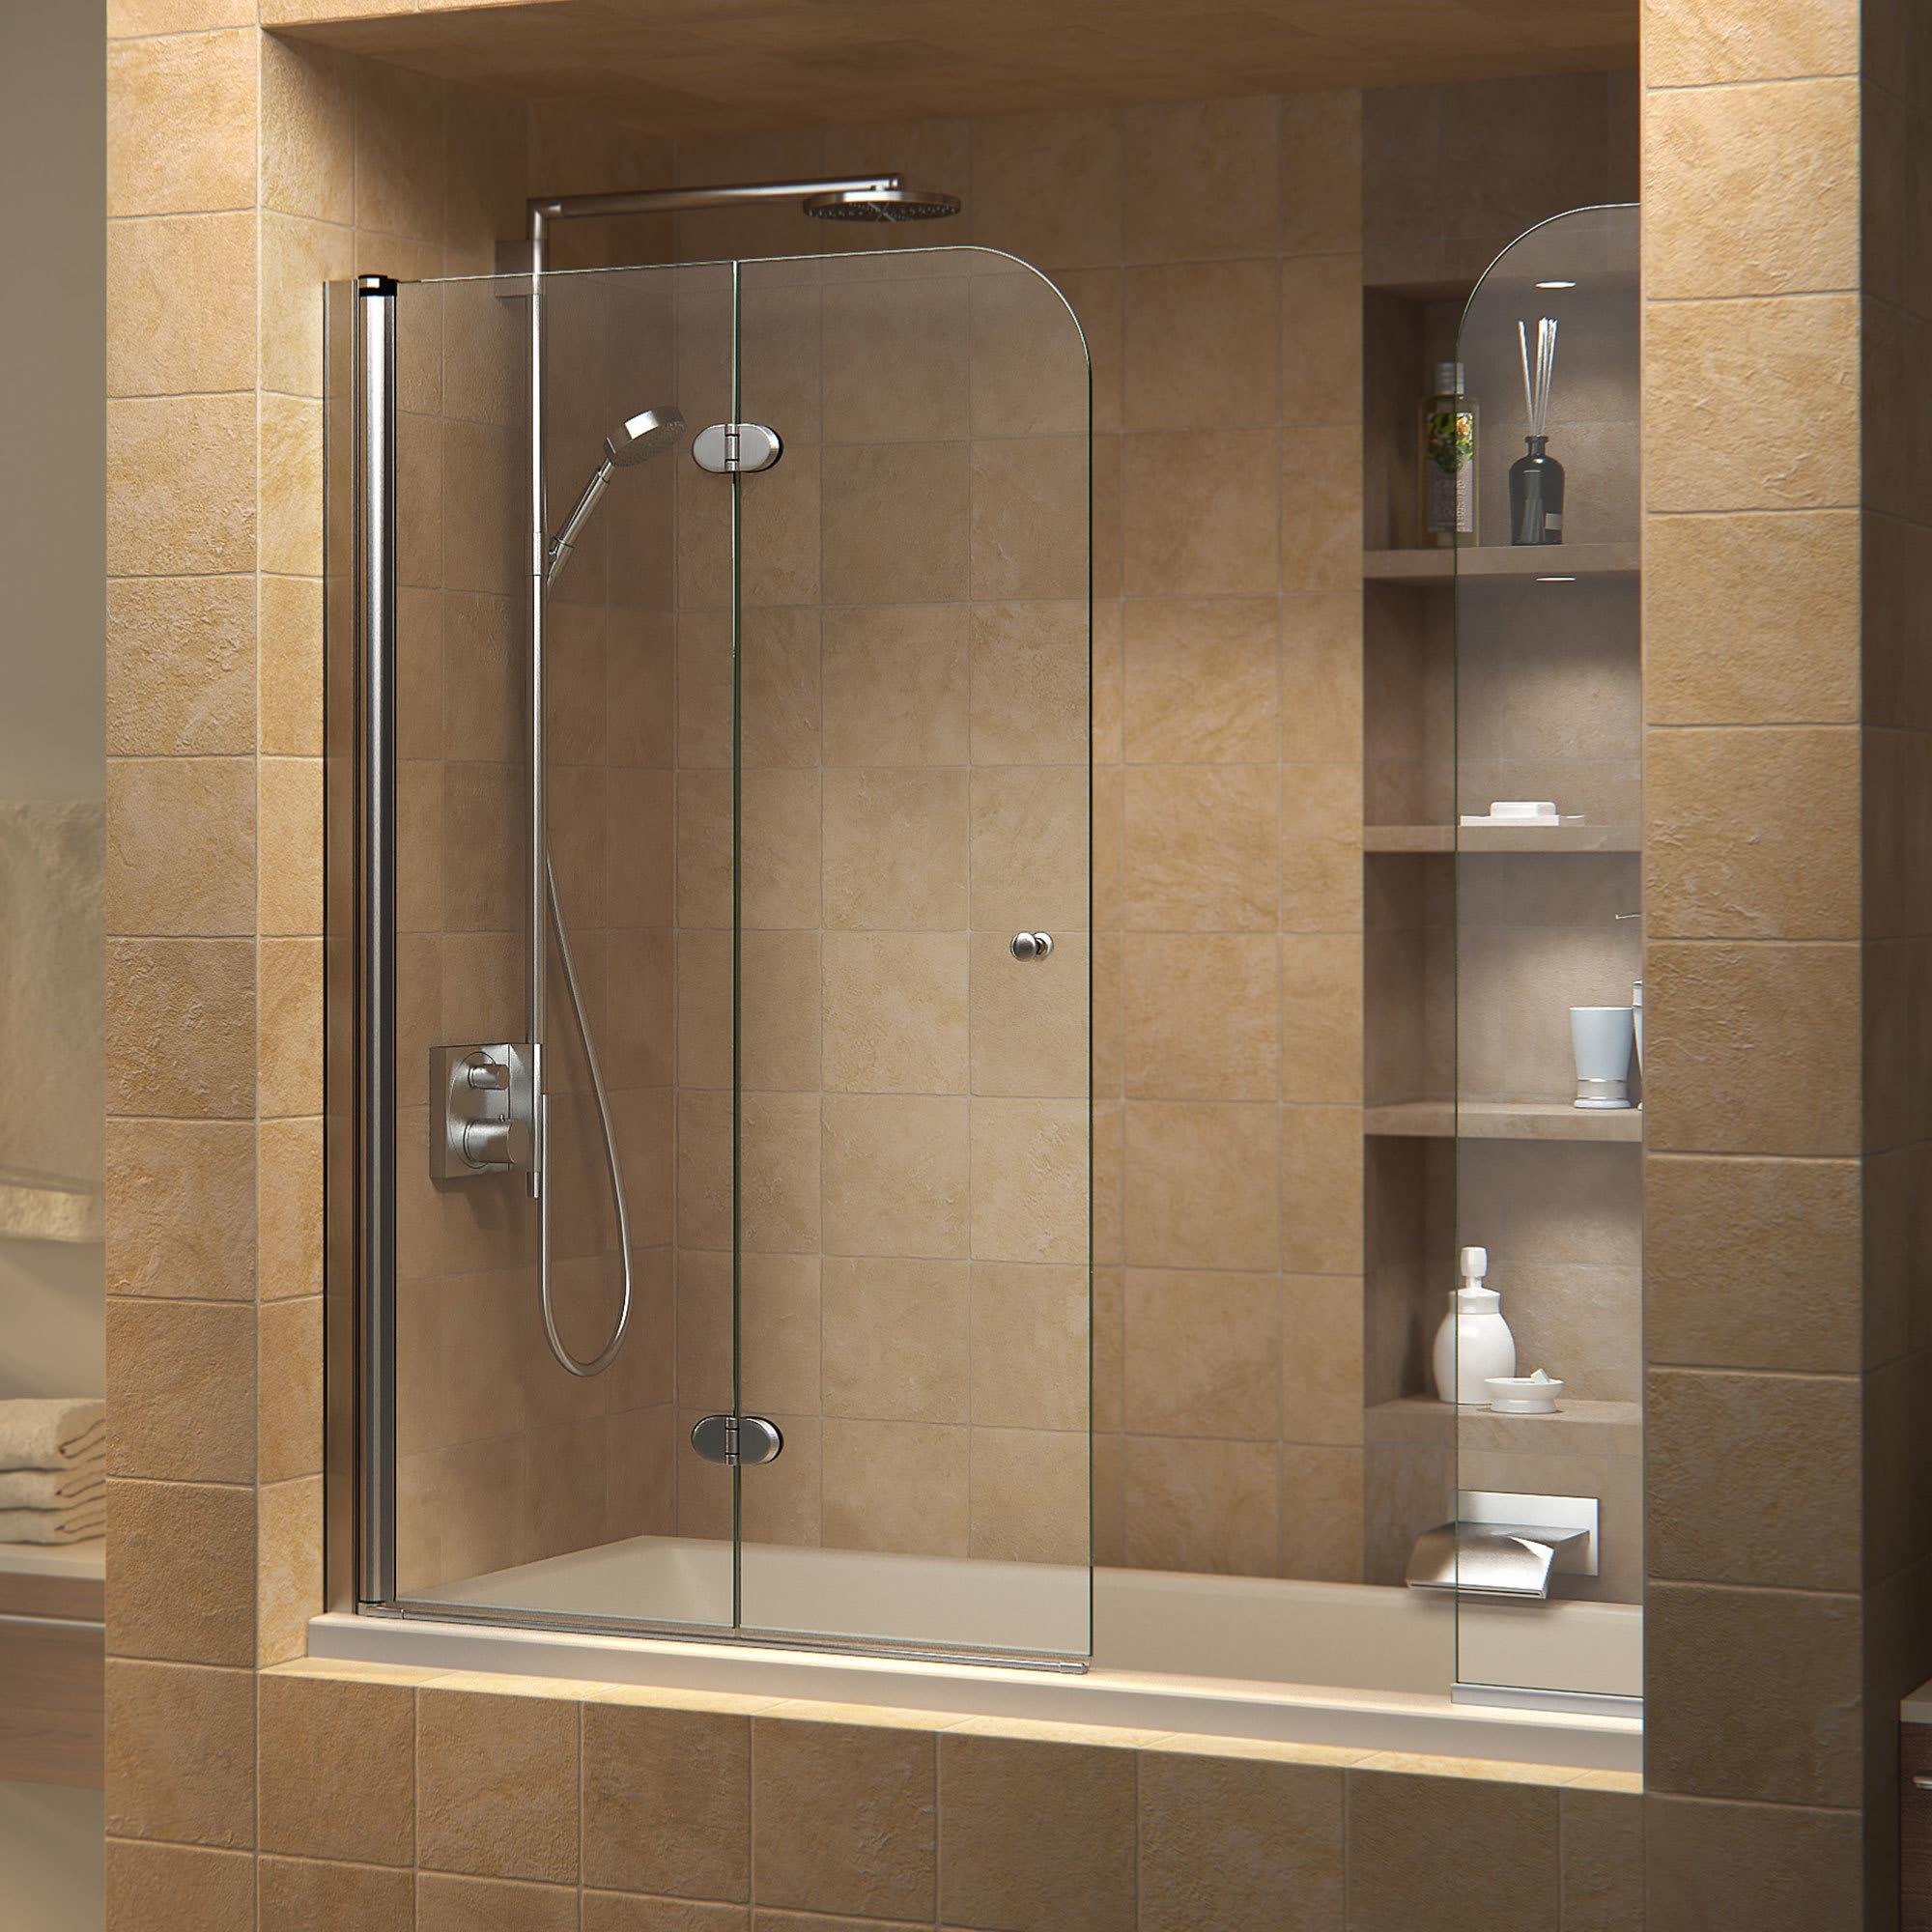 Dreamline Shdr 3636580 Ex 01 Aqua Fold 36 Tub Door With Extender Panel